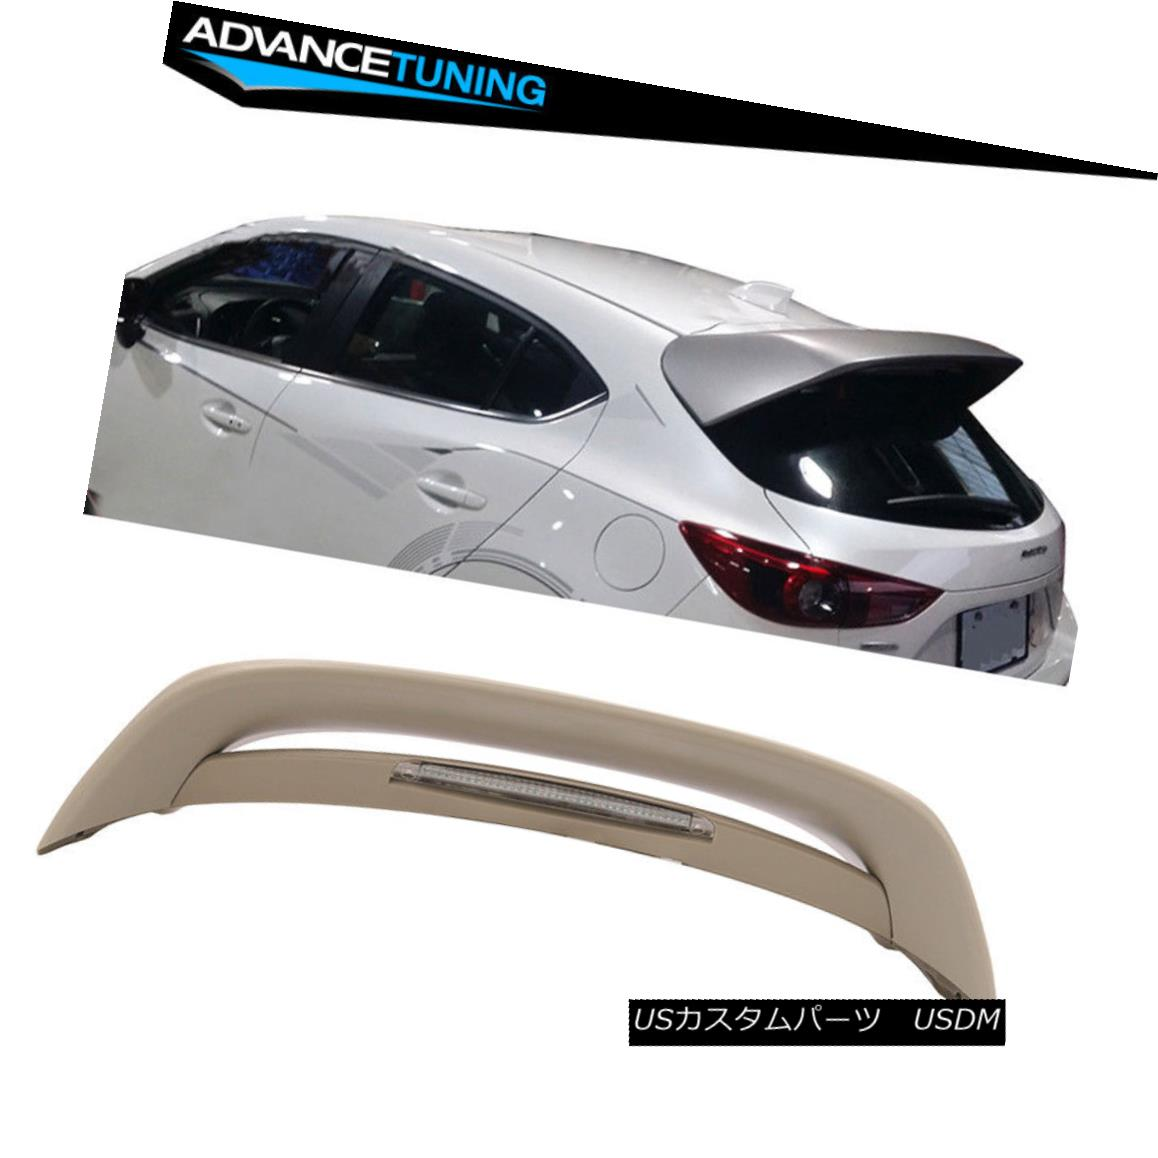 エアロパーツ 14-17 Mazda 3 5Dr Hatchback MS Style Unpainted Trunk Spoiler Wing (ABS) 14-17マツダ3 5DrハッチバックMSスタイル無塗装トランク・スポイラー・ウィング(ABS)